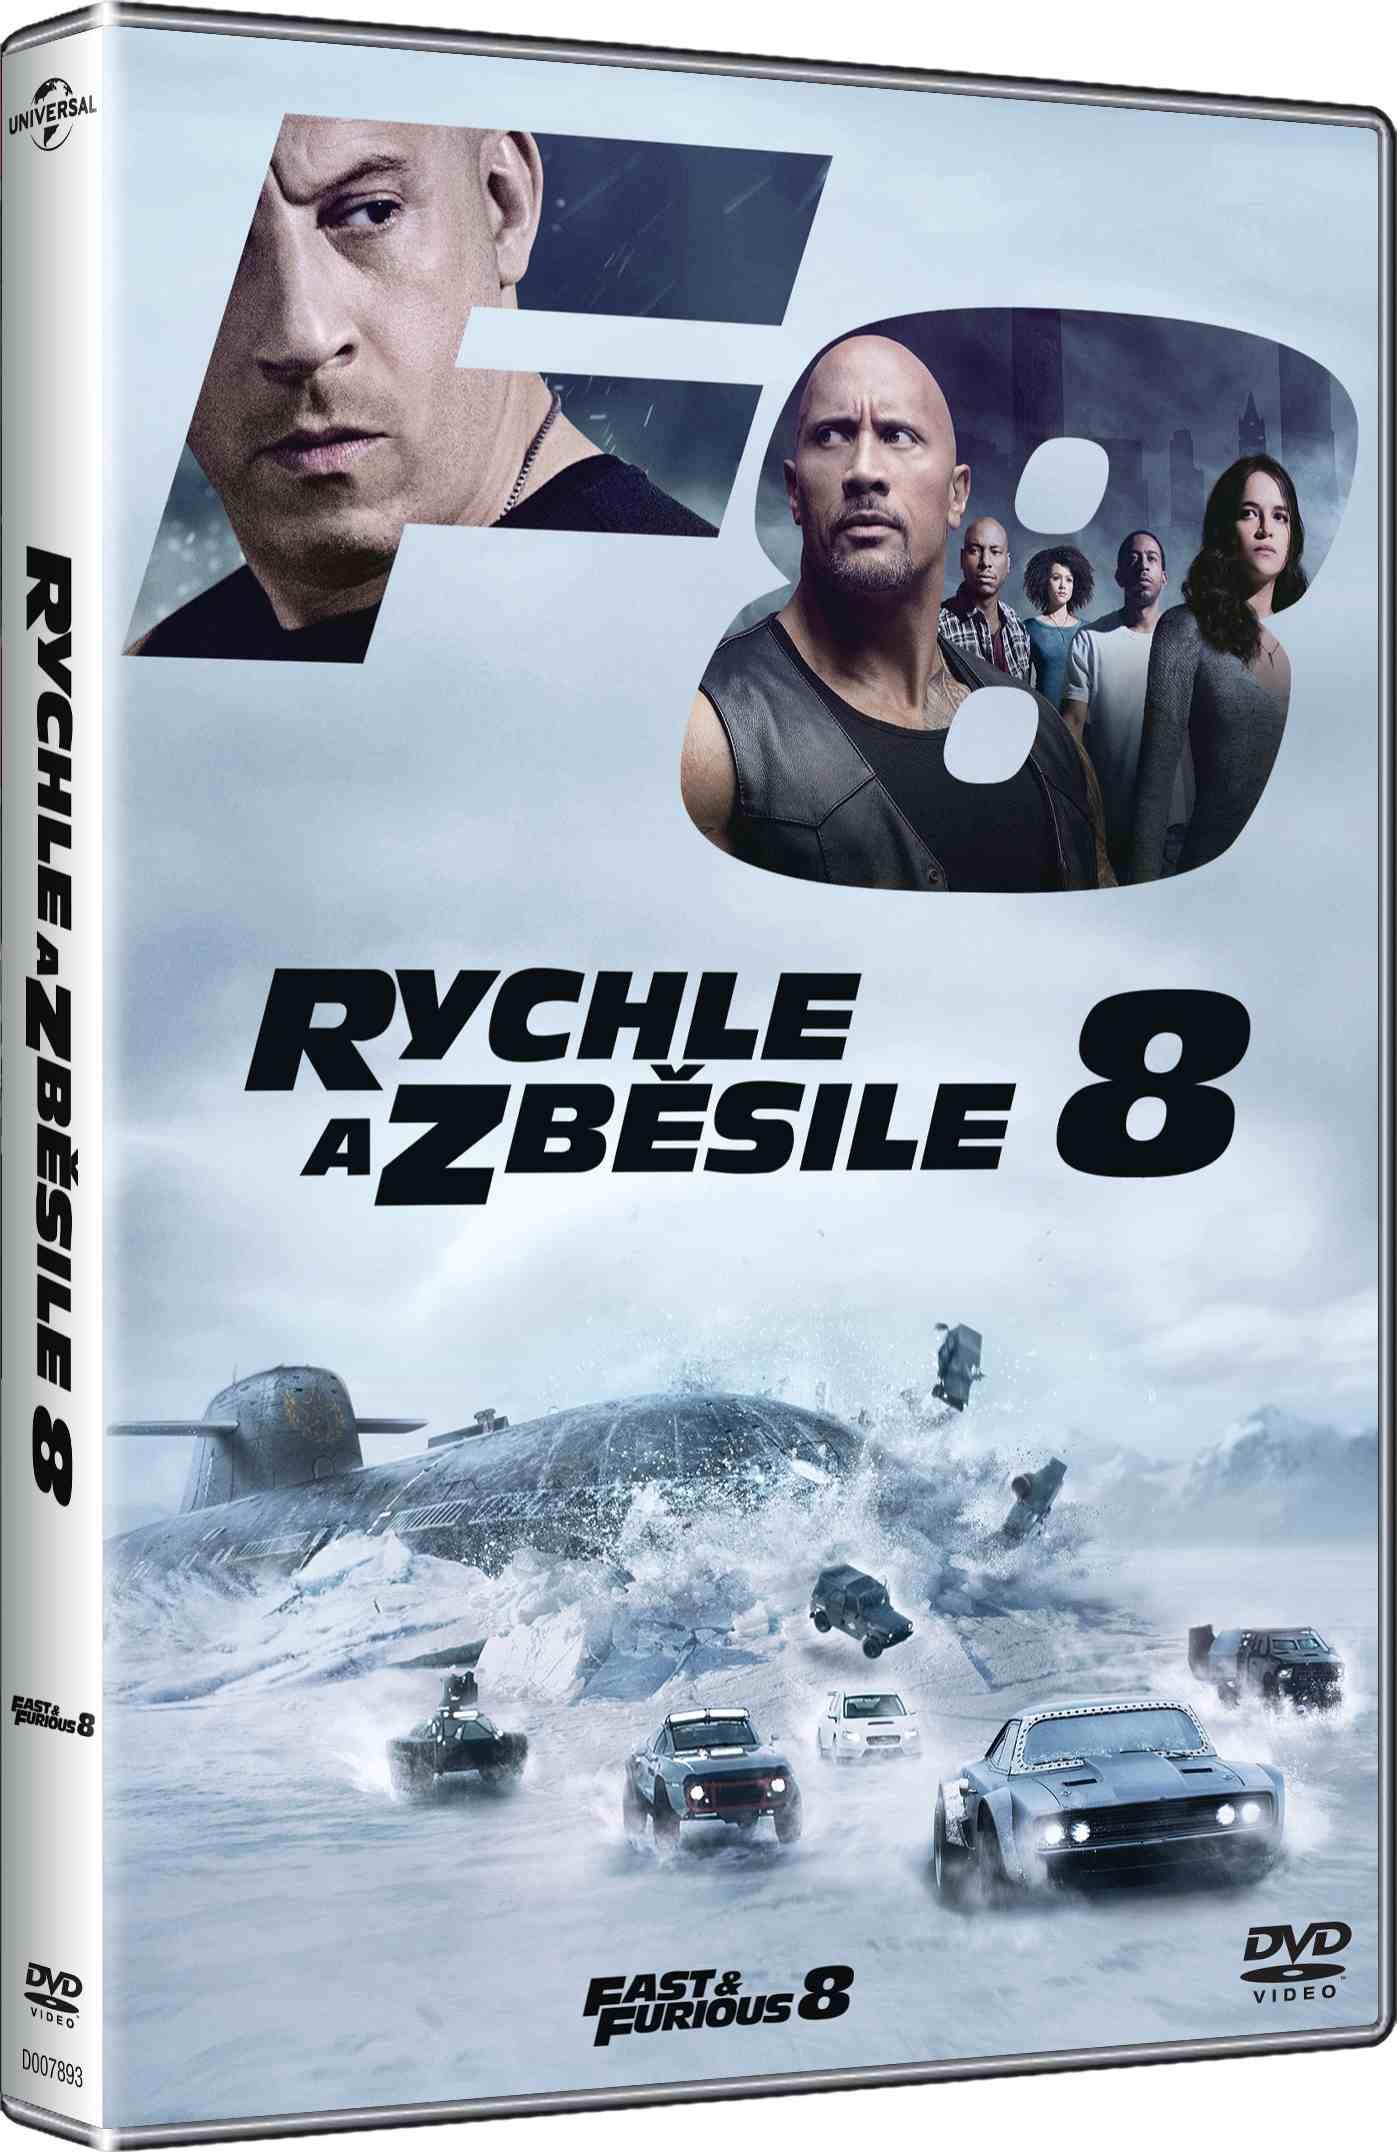 Rychle a zběsile 8 - DVD